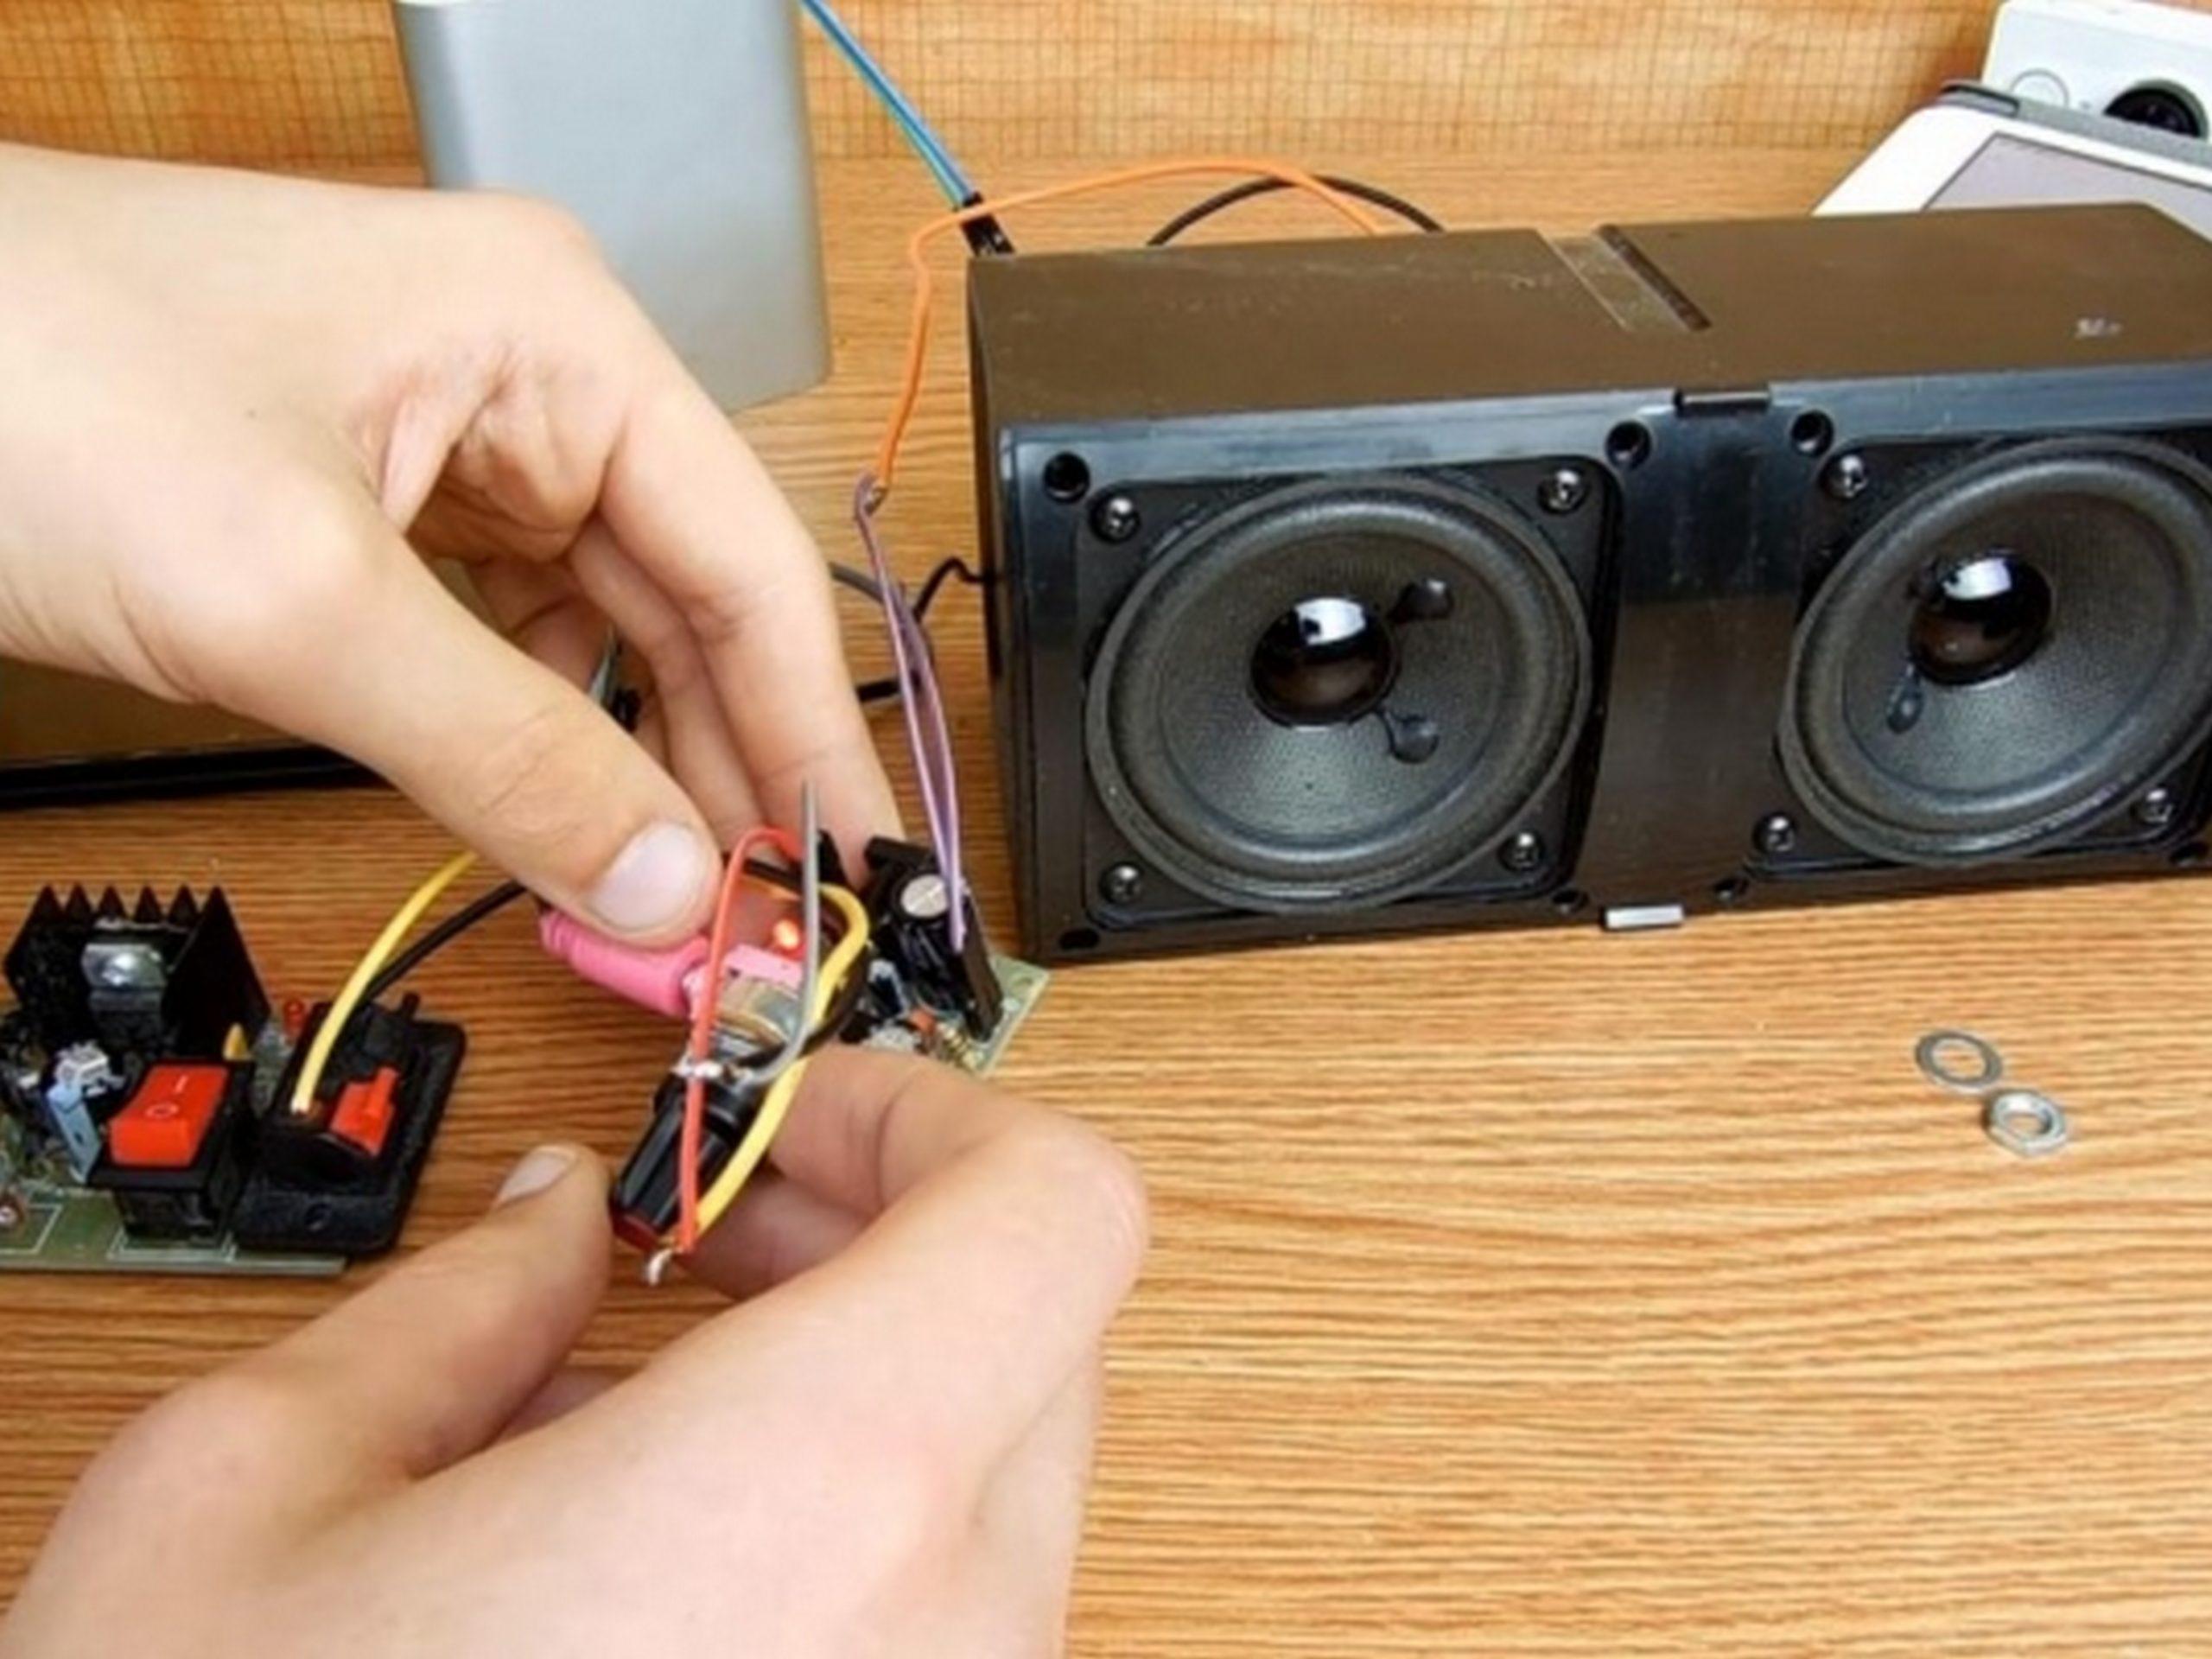 Усилитель звука для колонок своими руками — экономный способ обзавестись полезным устройством